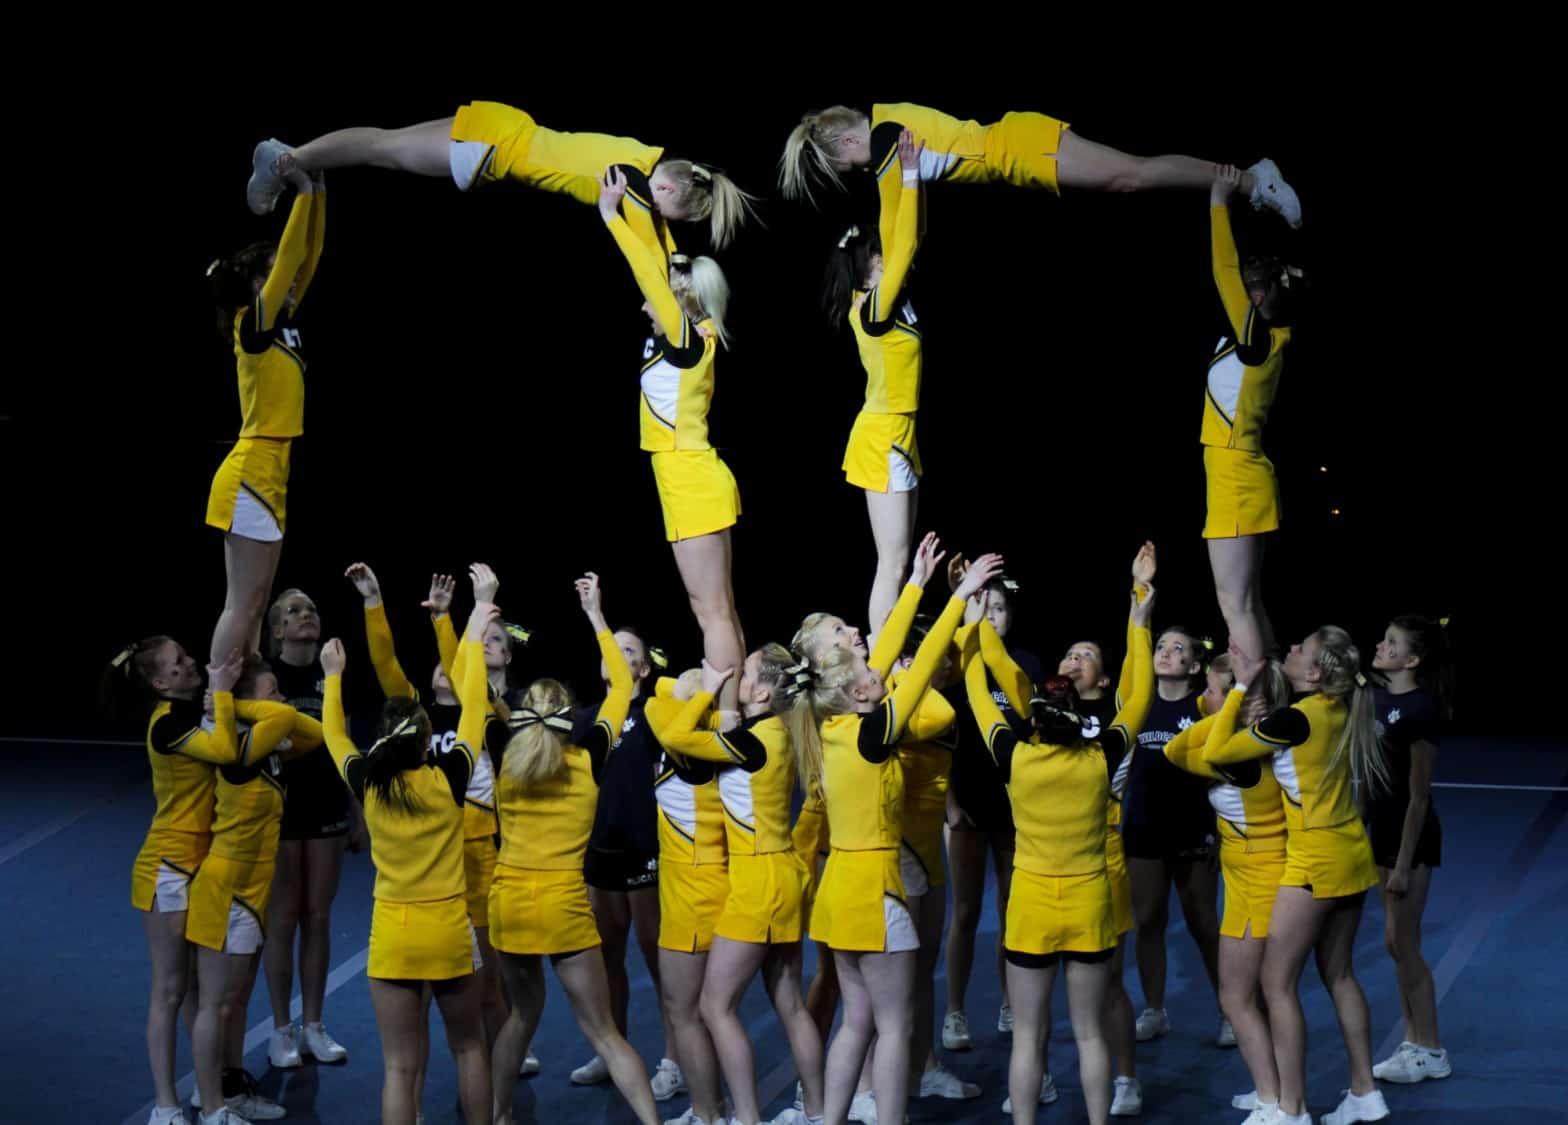 Cheerleaders holding up cheerleaders holding up cheerleaders